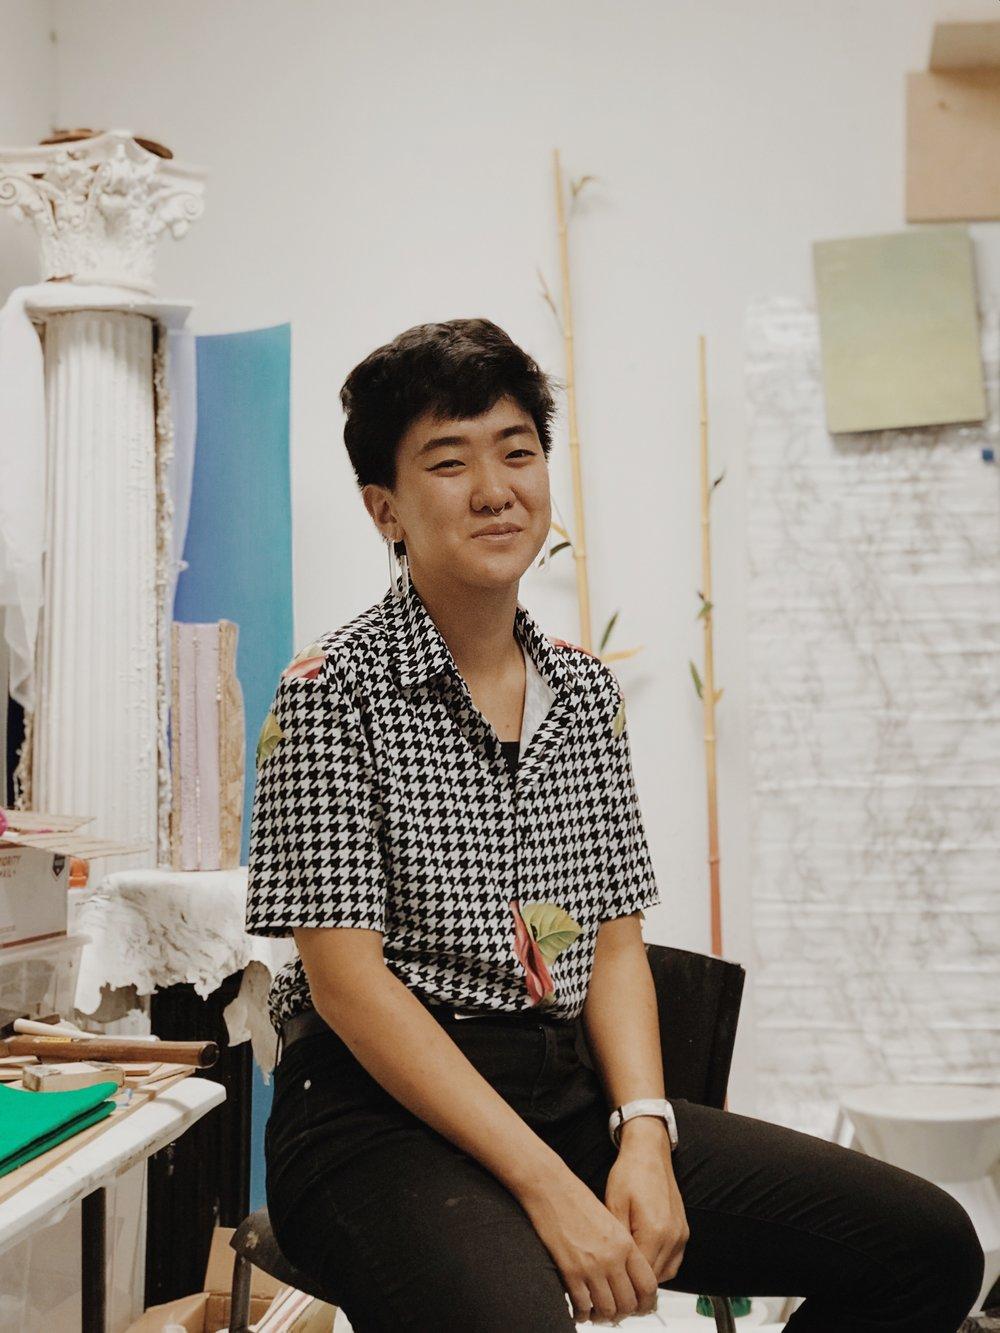 Rachel Youn